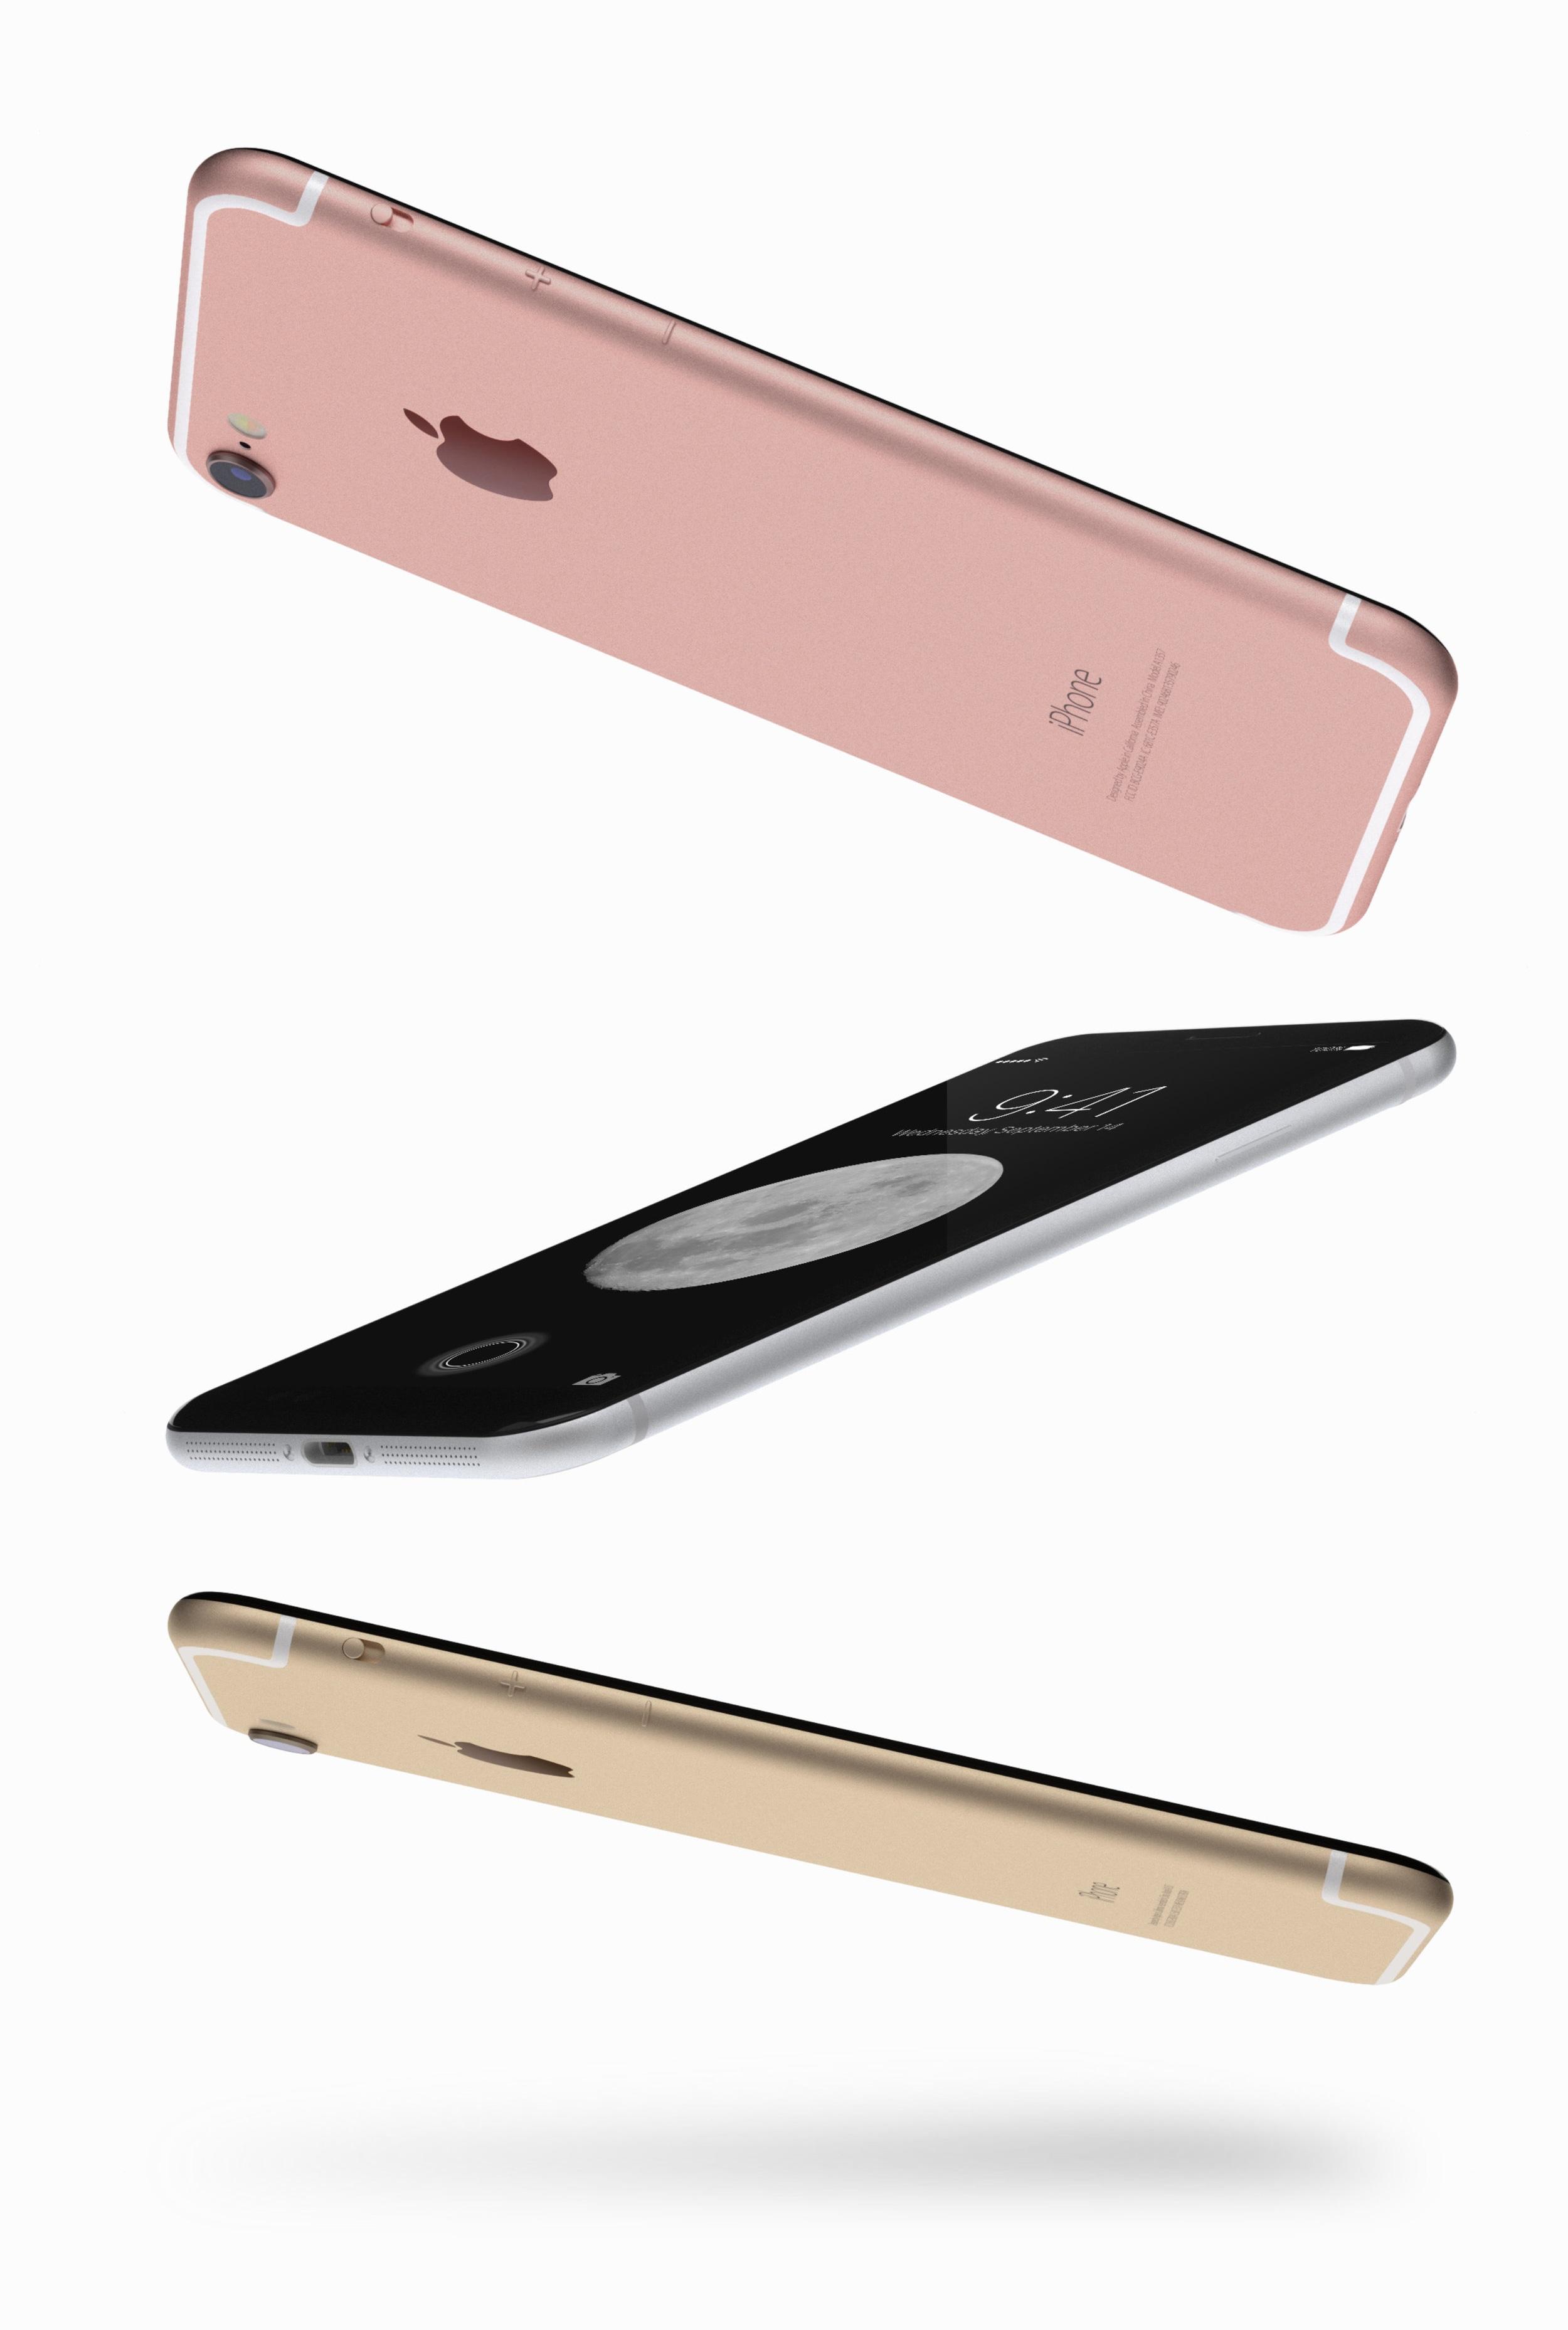 Conceito para o iPhone 7